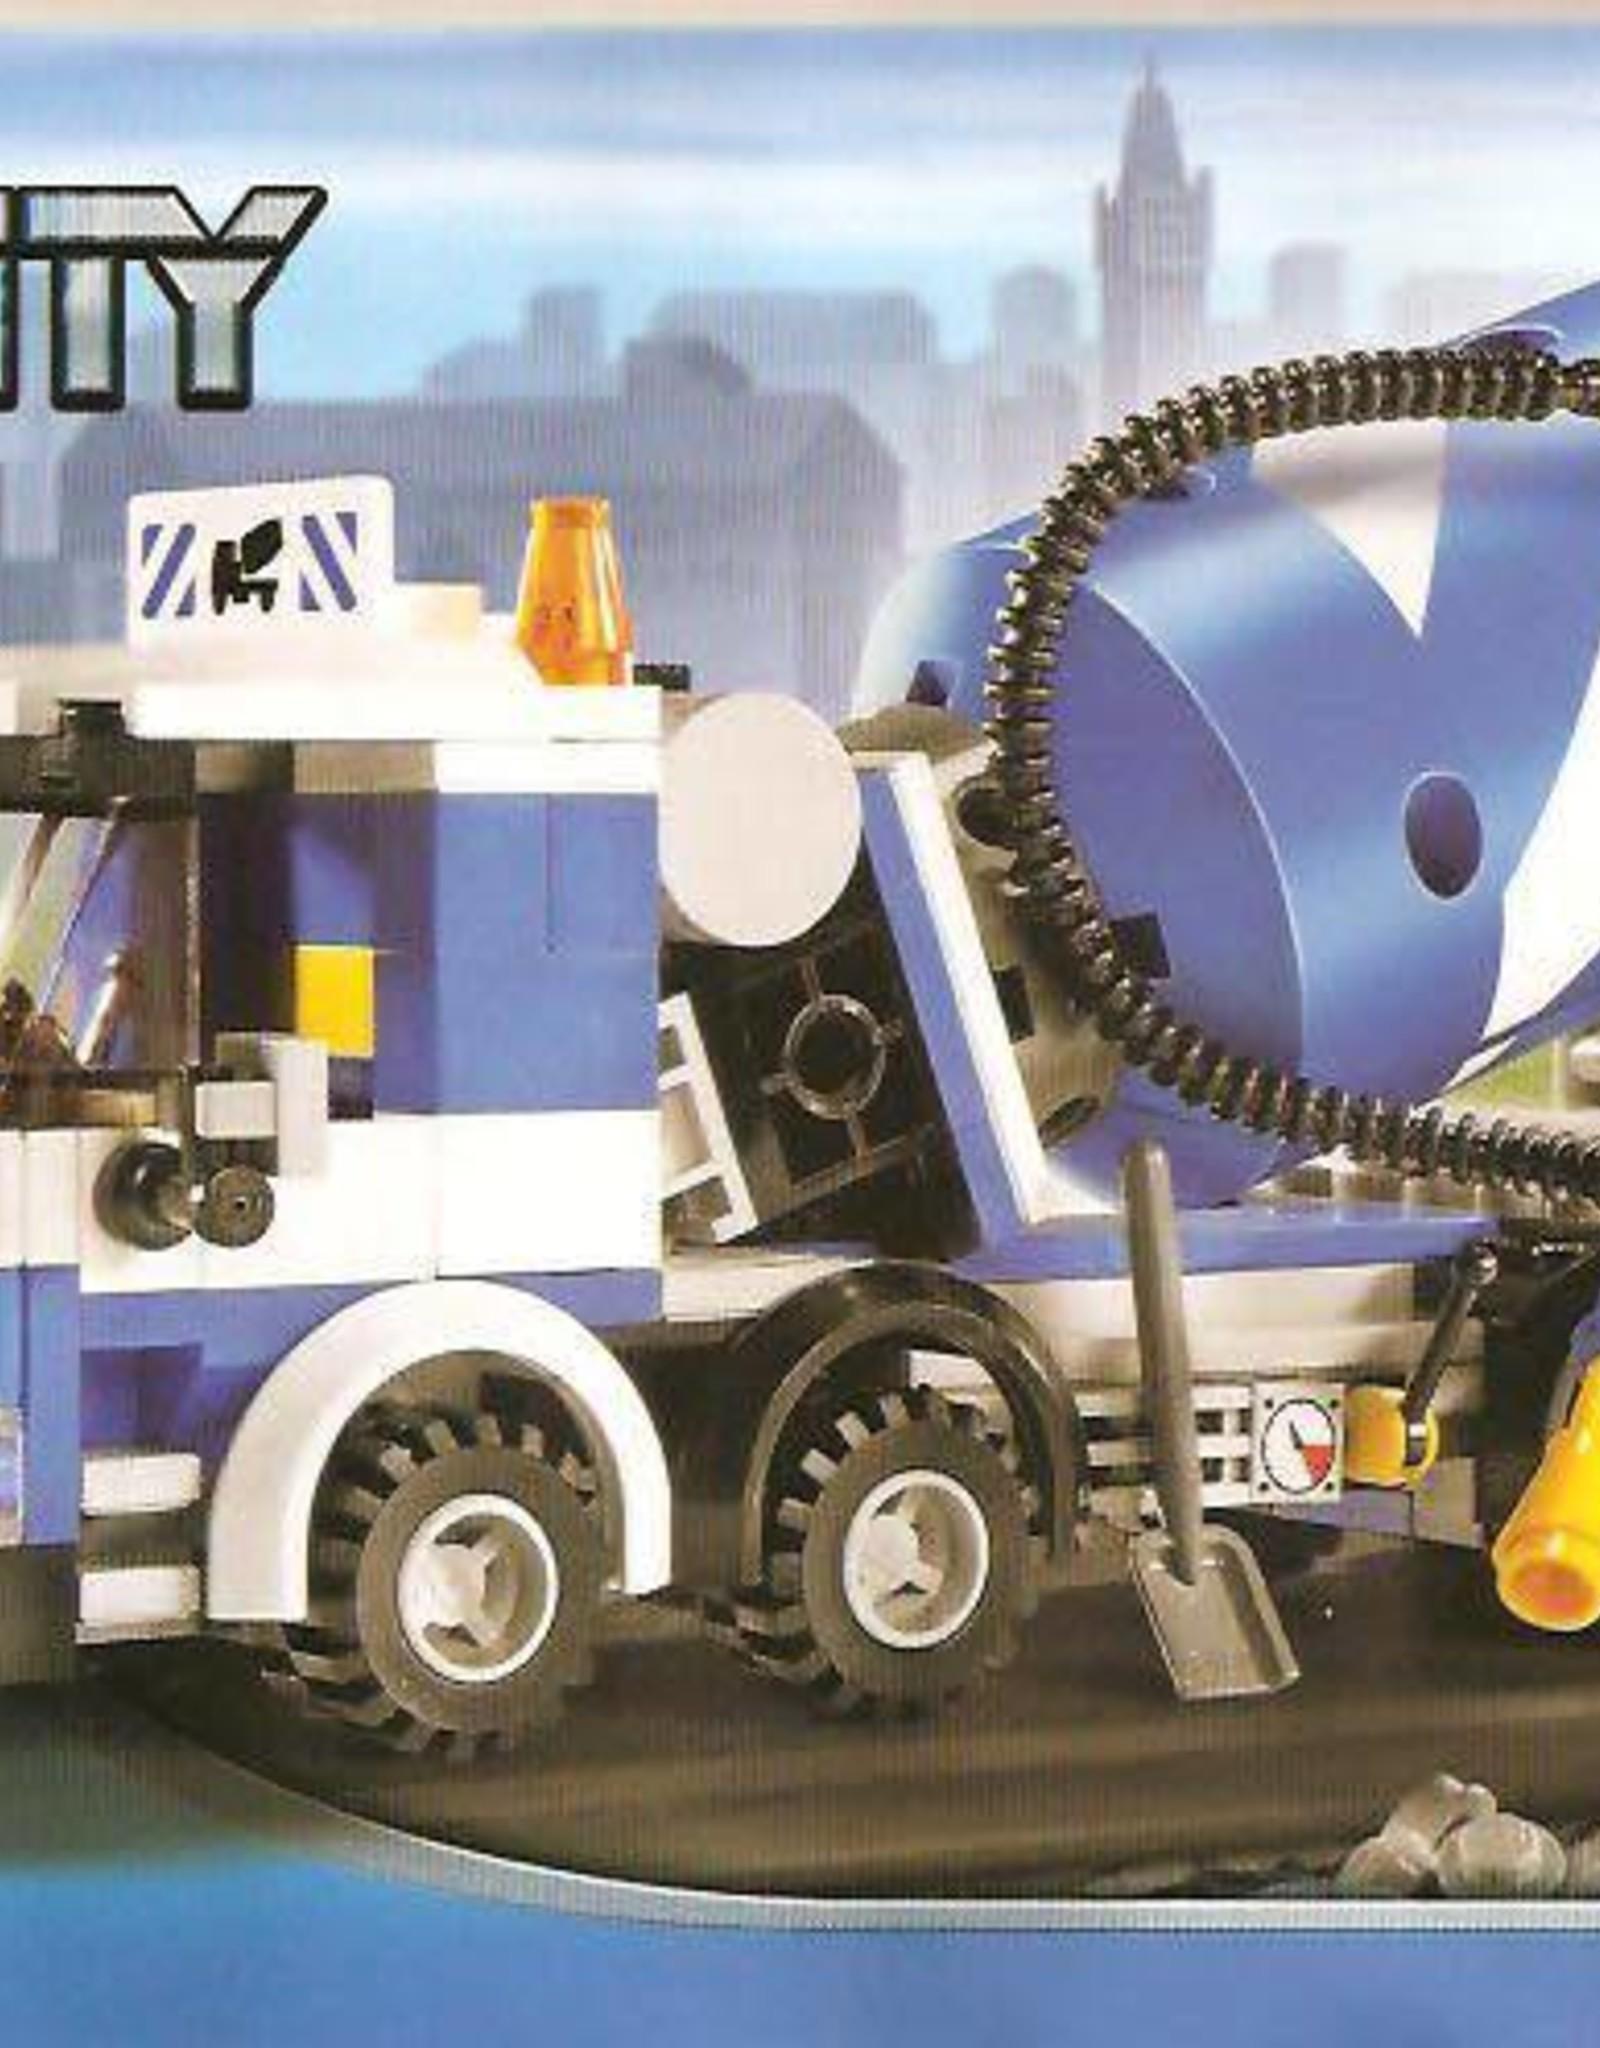 LEGO LEGO 7990 Cement Mixer CITY